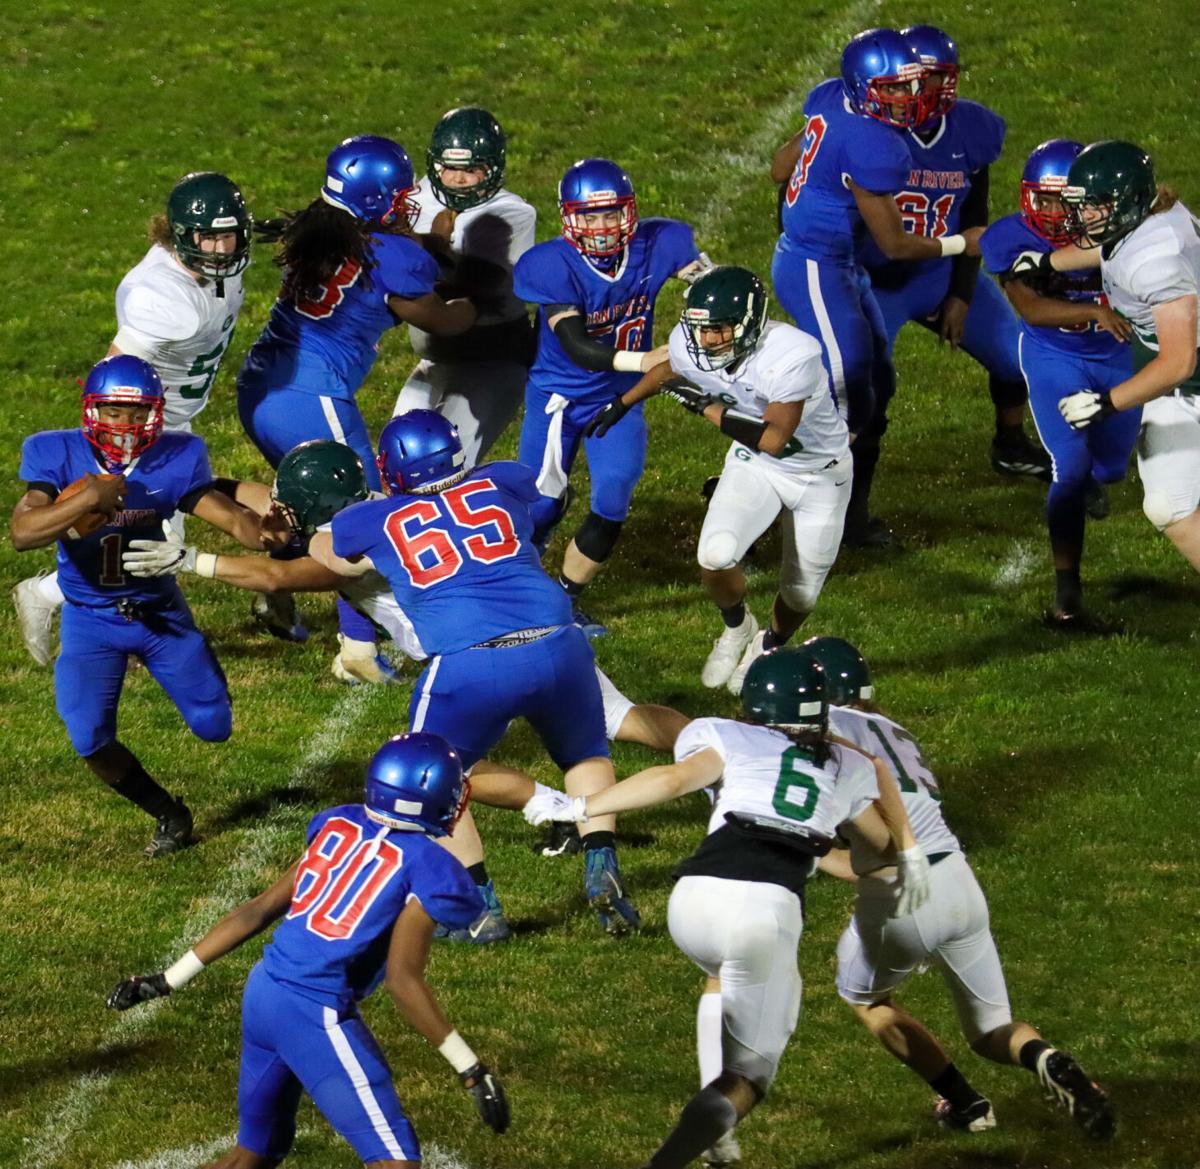 Wildcats Offensive Line